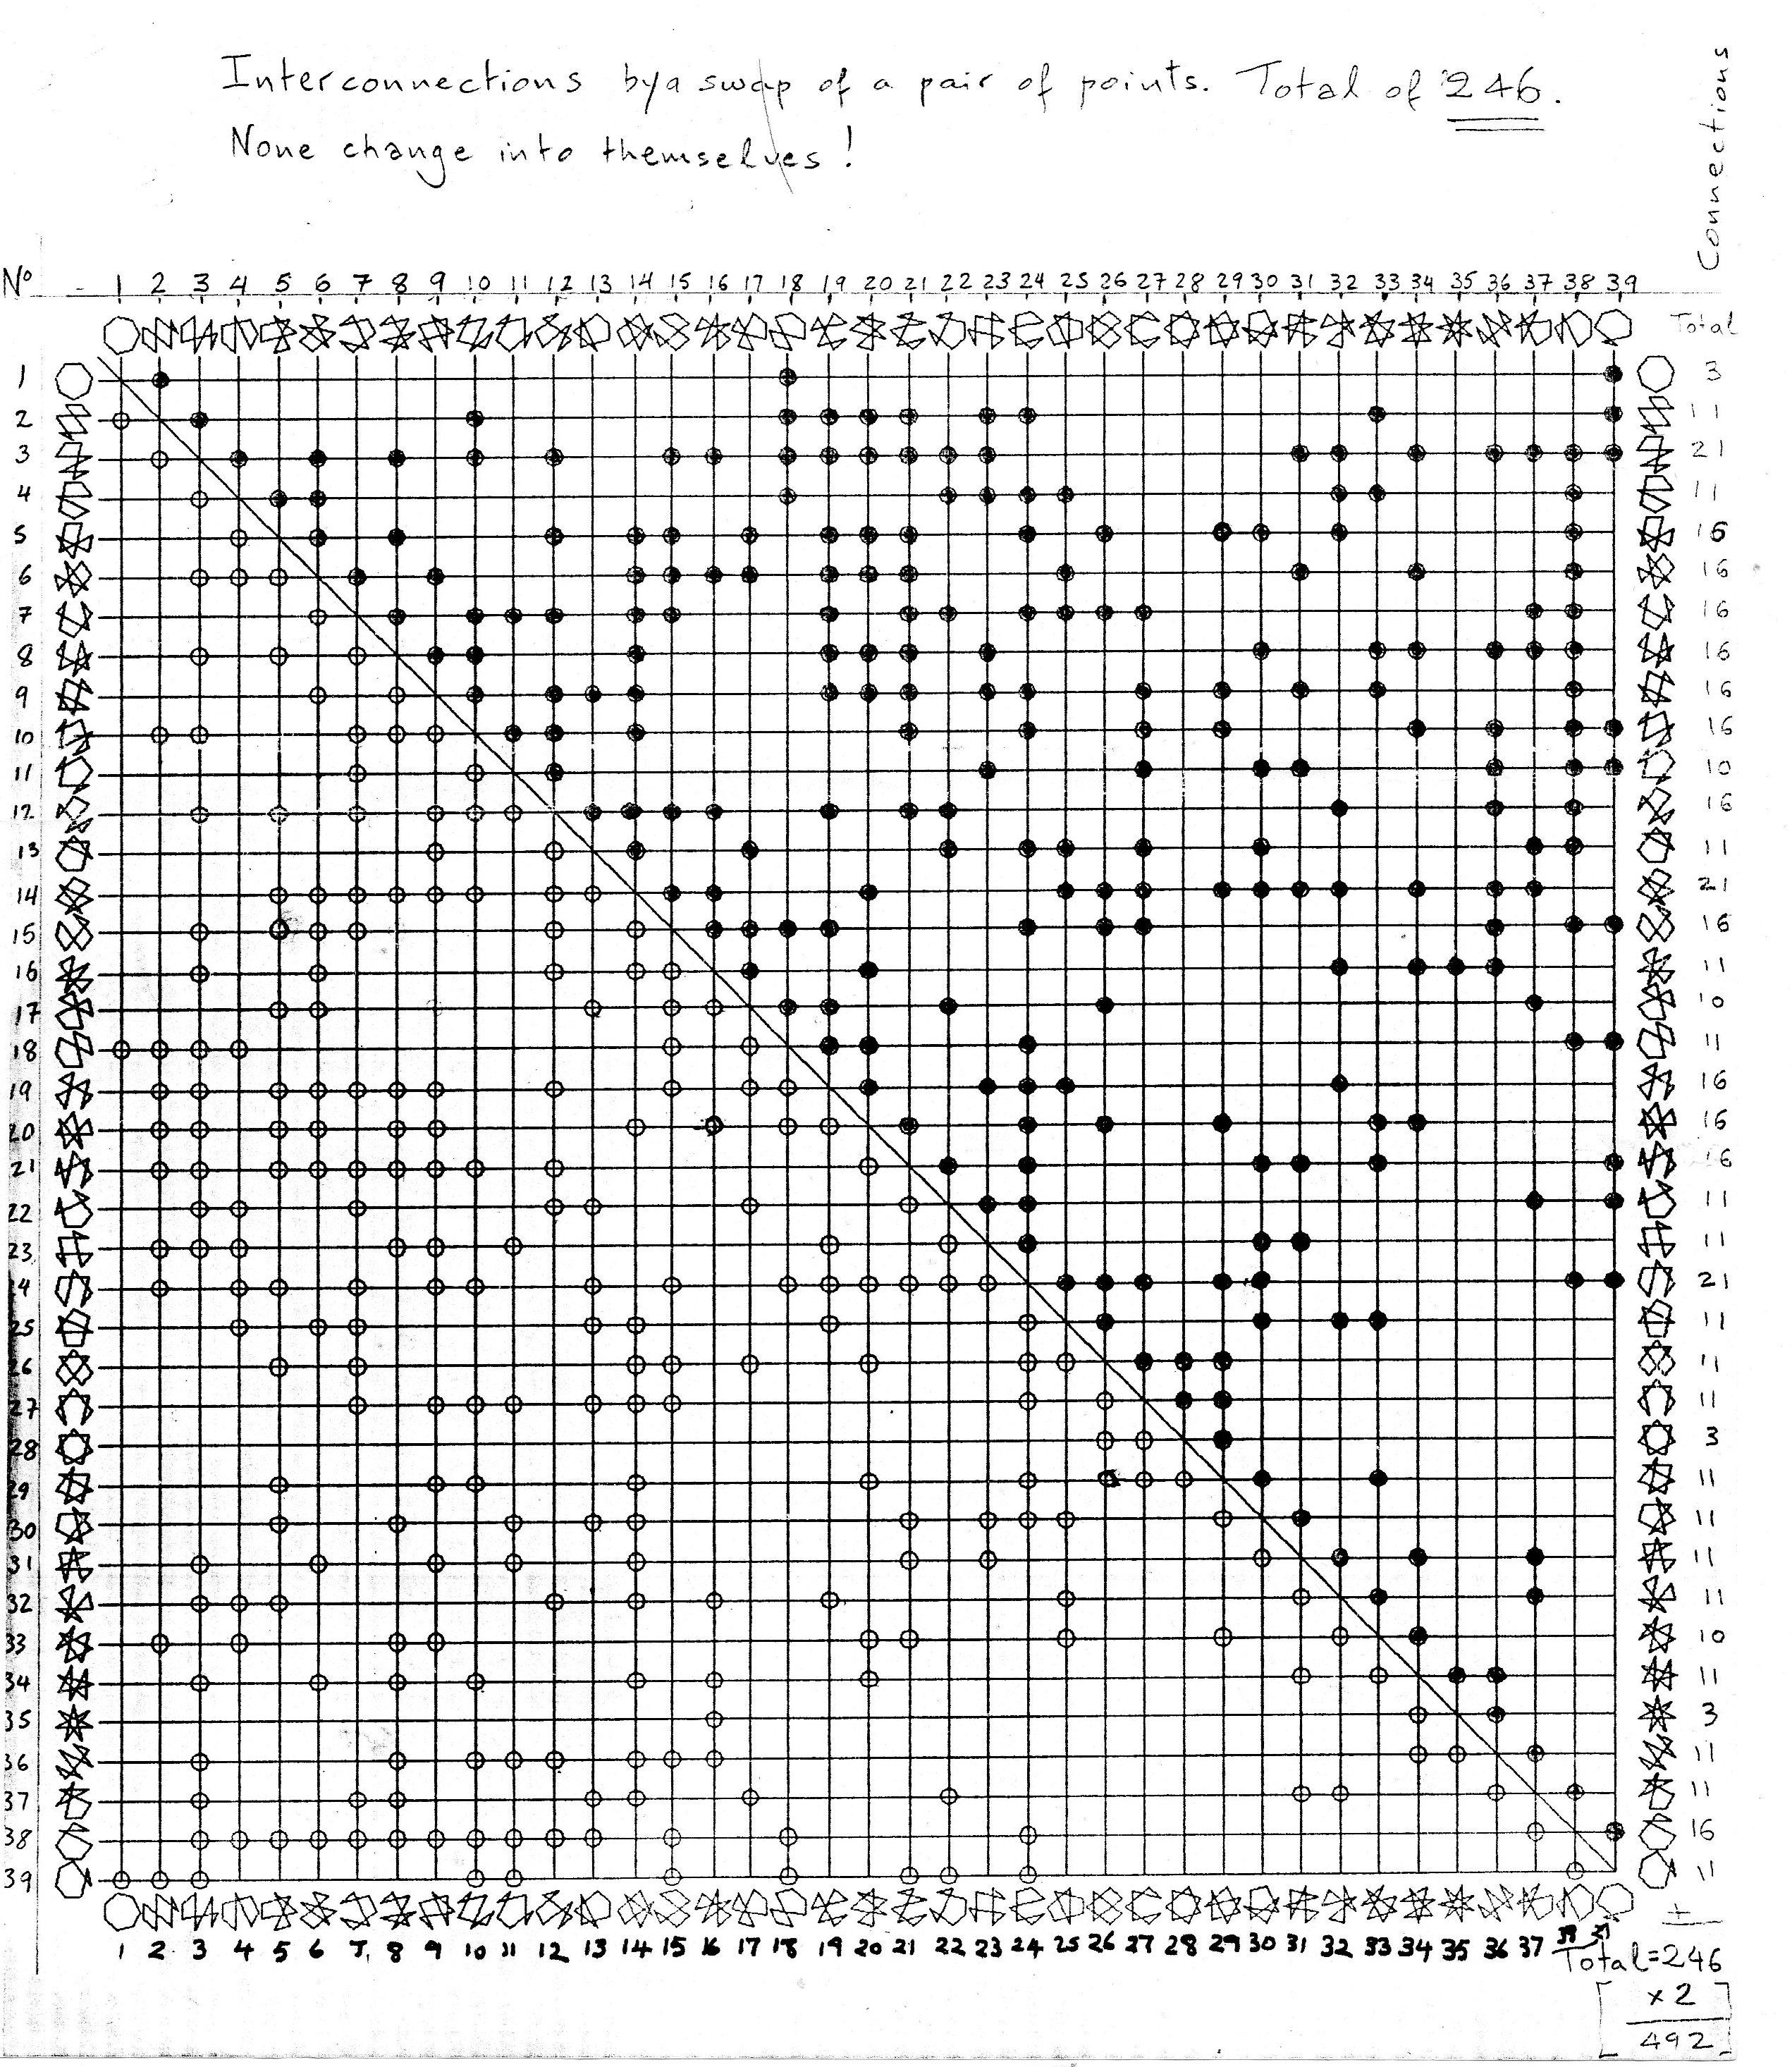 7-sigil pairswap table